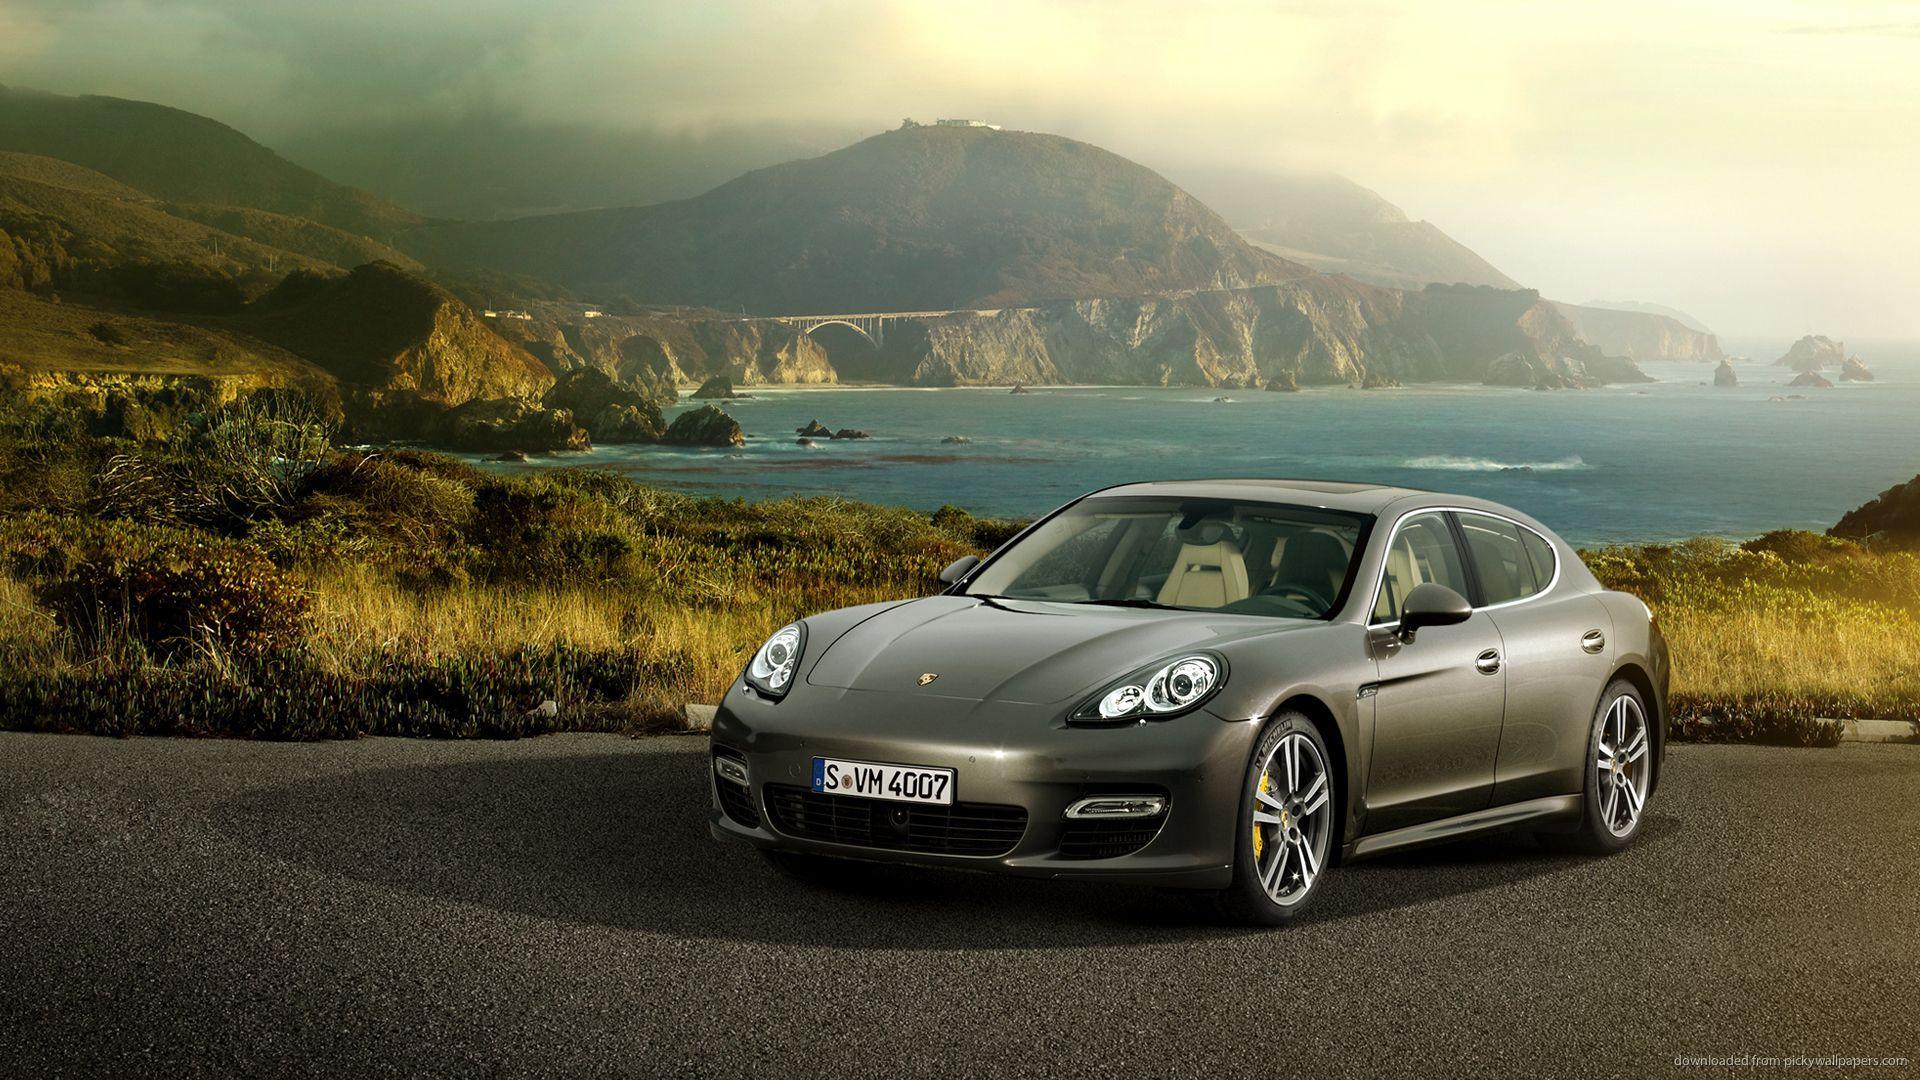 Porsche Hd Wallpapers 1080p: Porsche Panamera Wallpapers